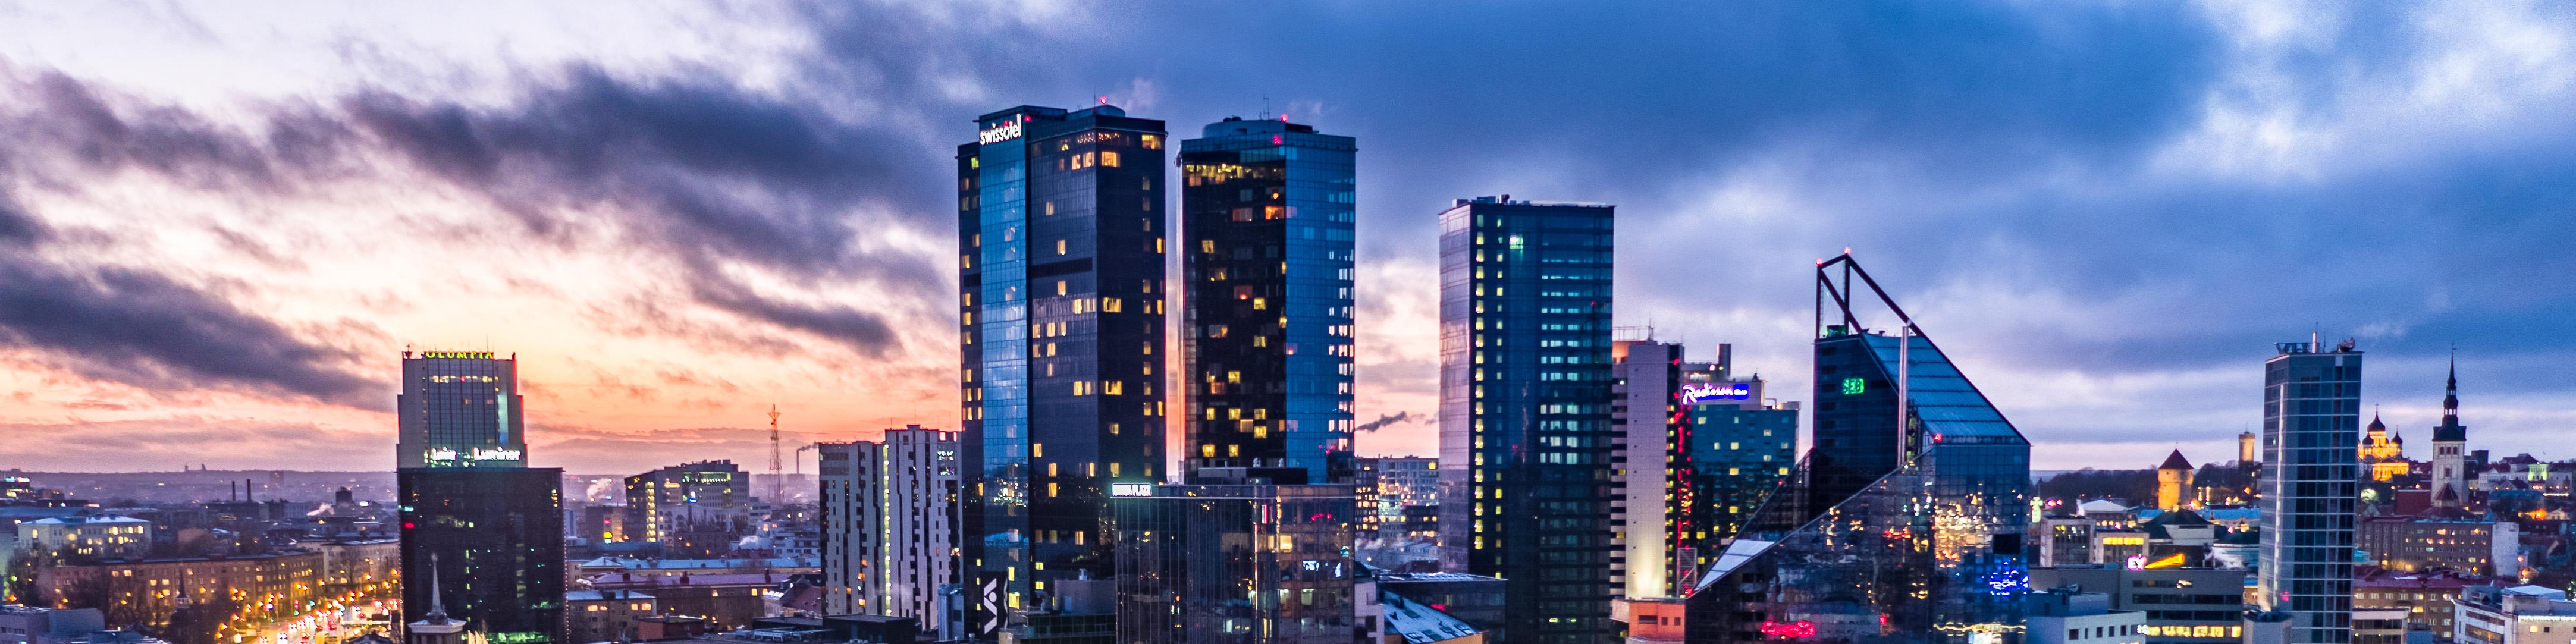 Tallinn City - Riho Kirss